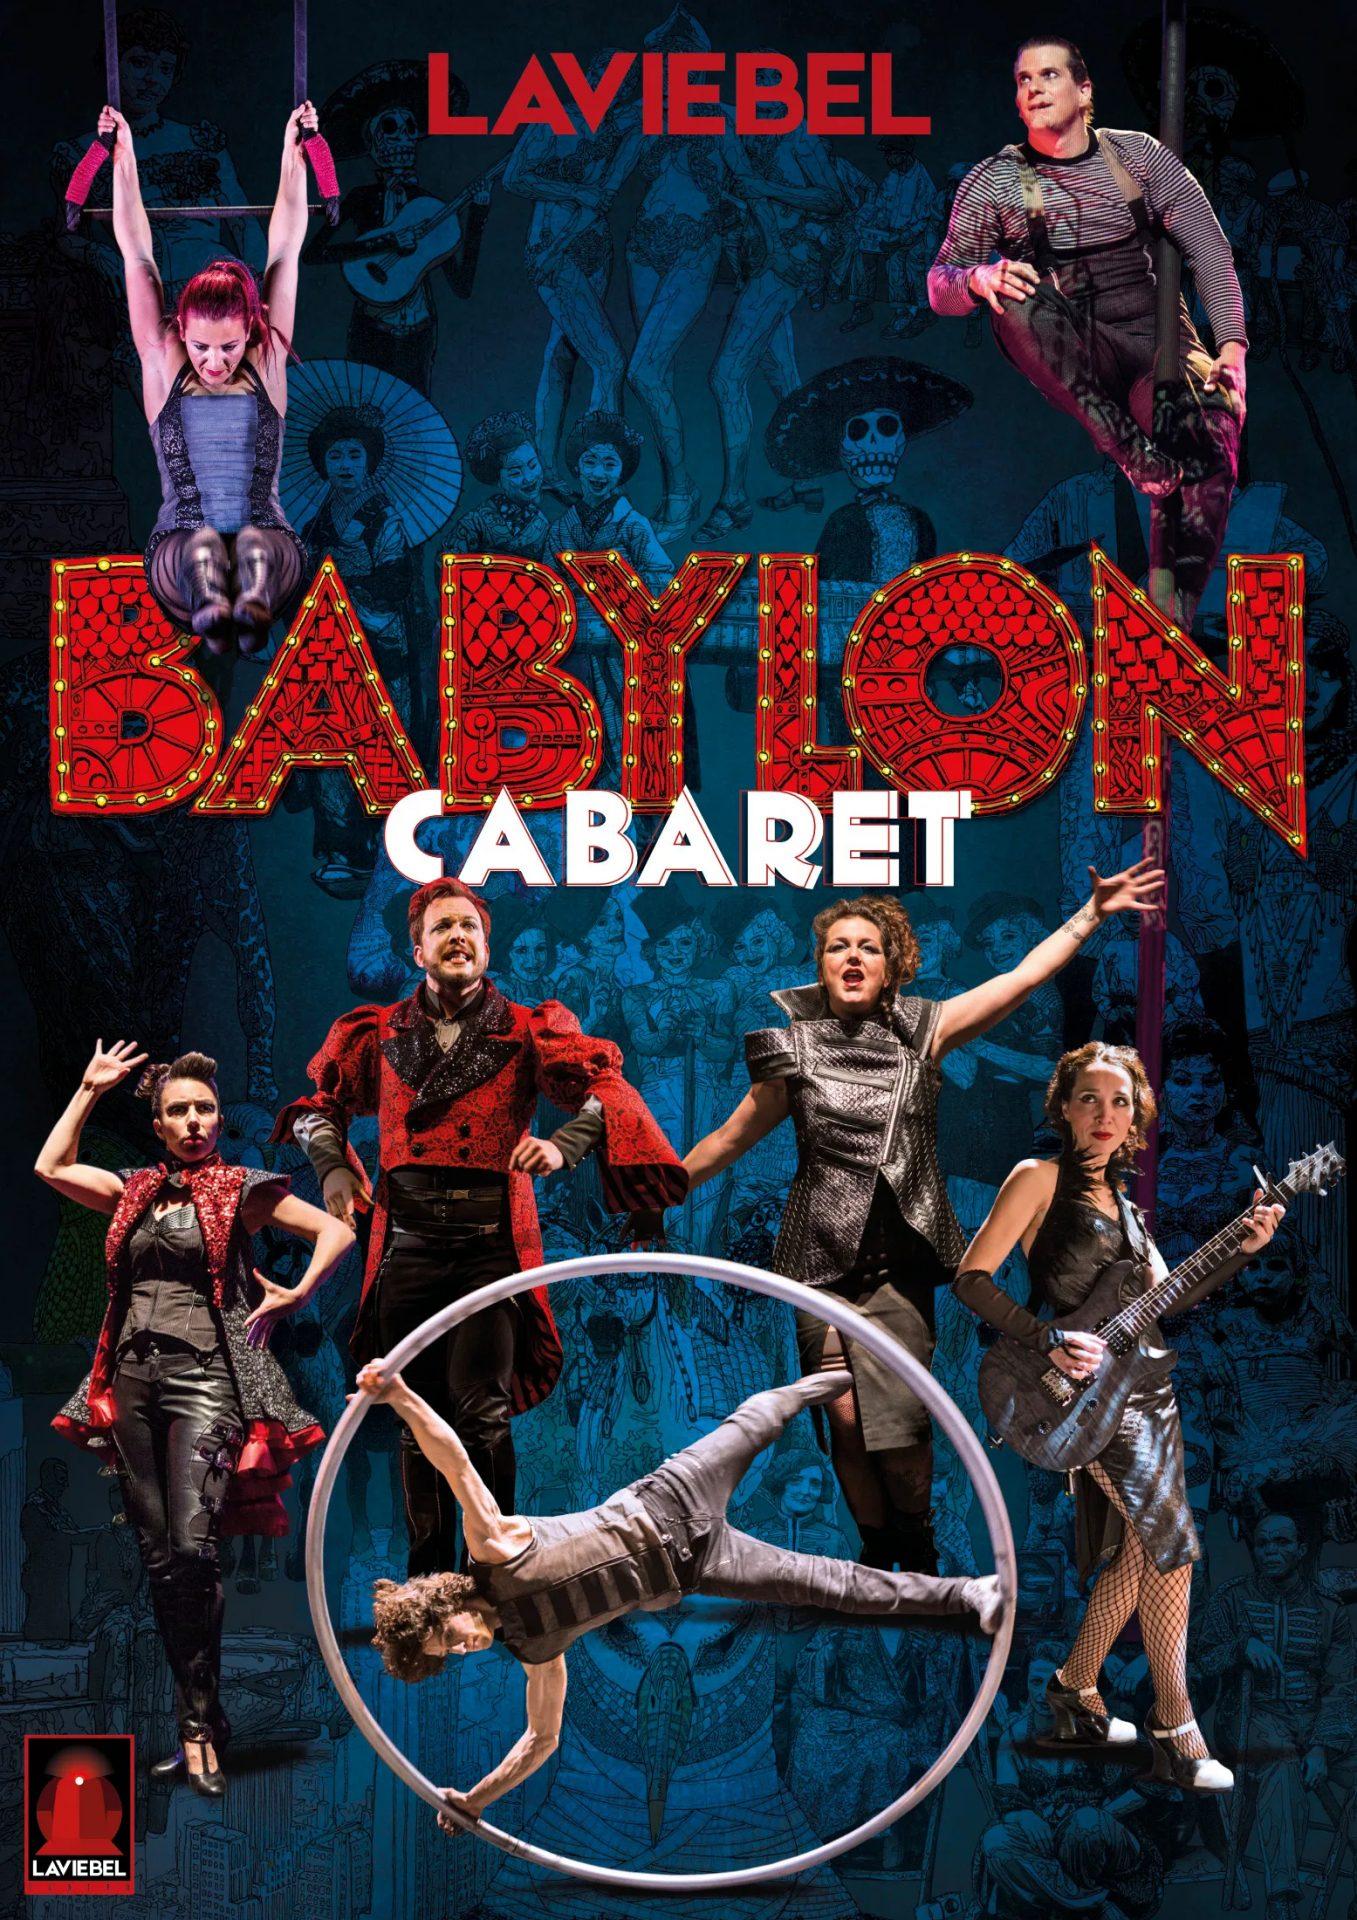 Teatro-Cabaret jóvenes/adultos: